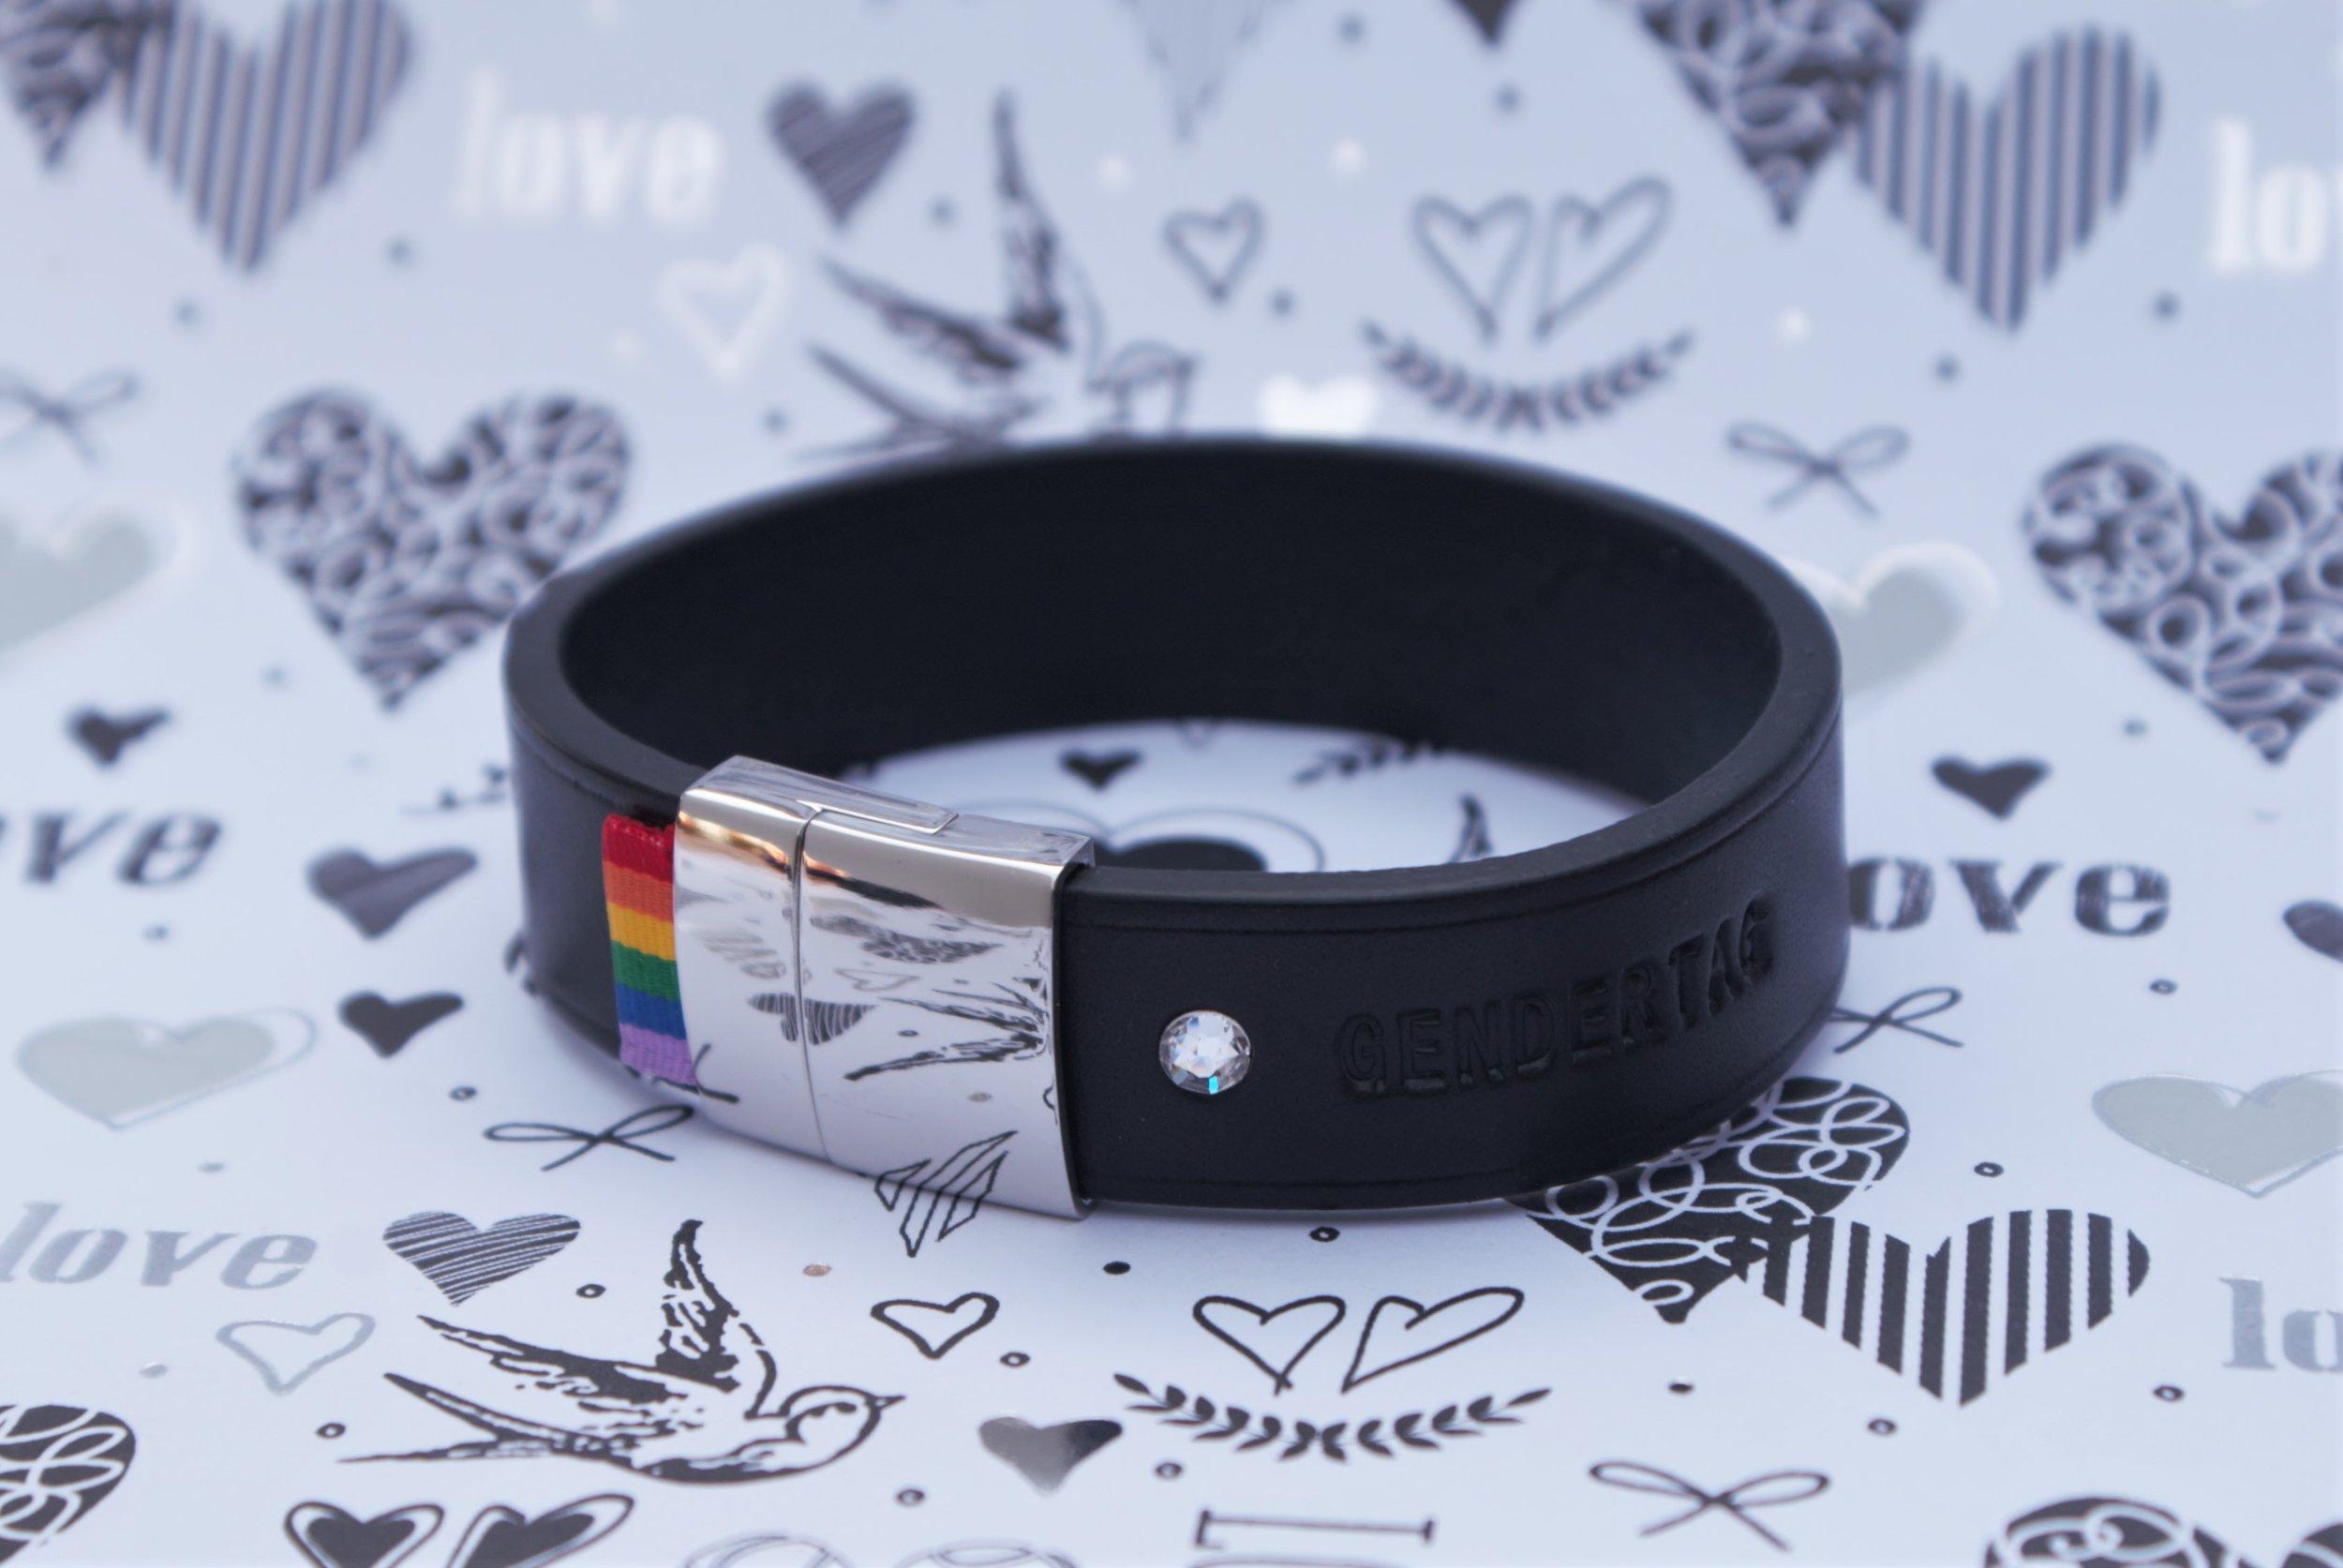 DSC08953 18mm black bracelet horizontal.jpg